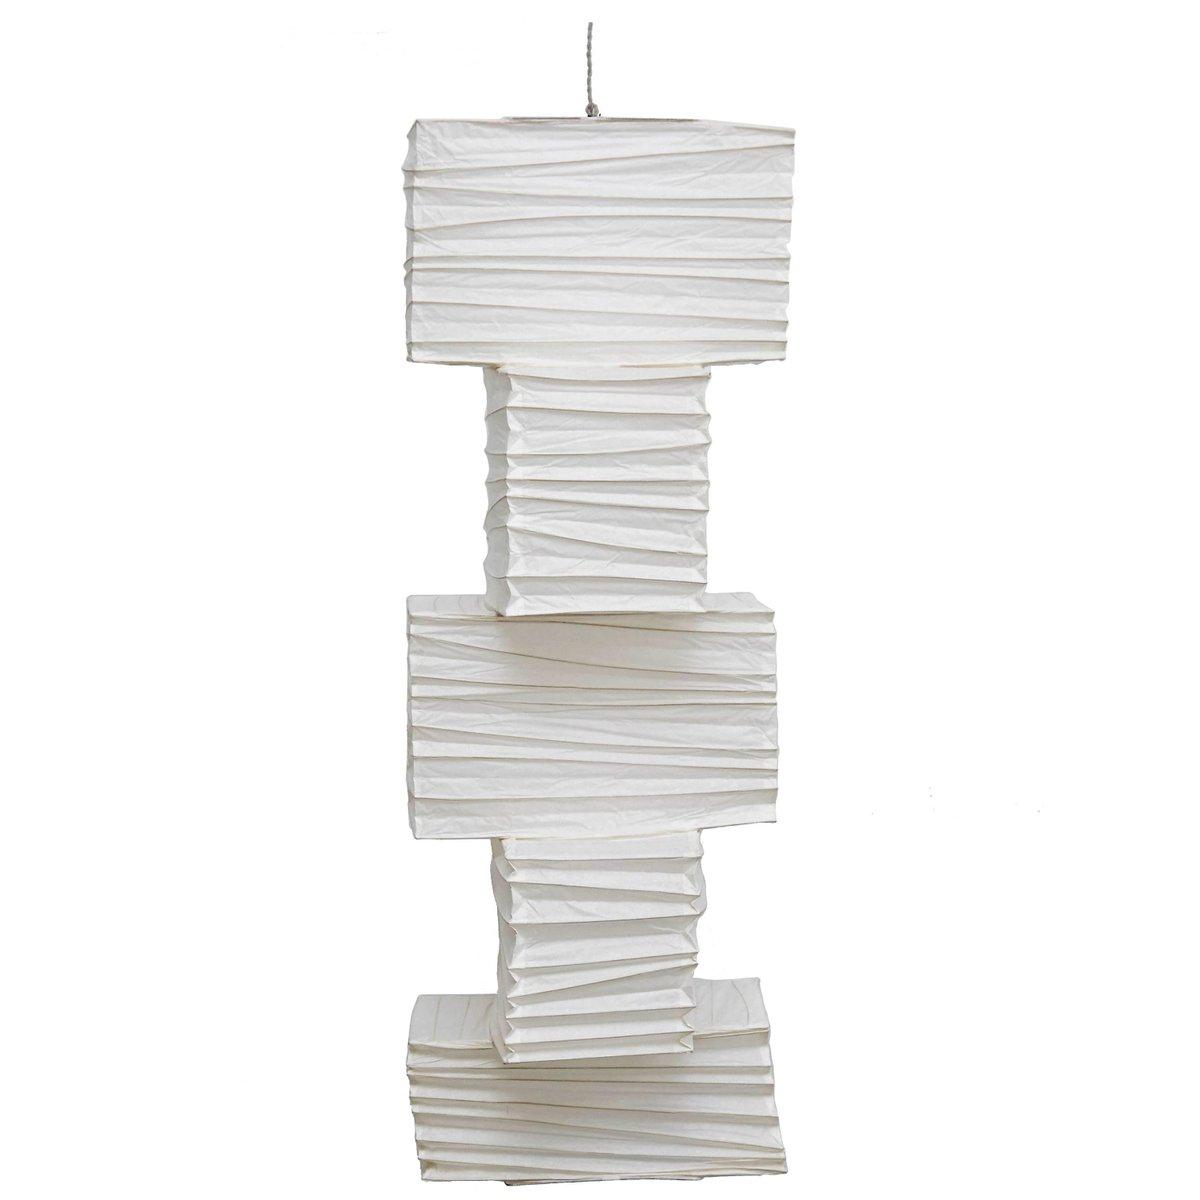 Amerikanische Deckenlampe aus geriffeltem Washi Papier, 1950er